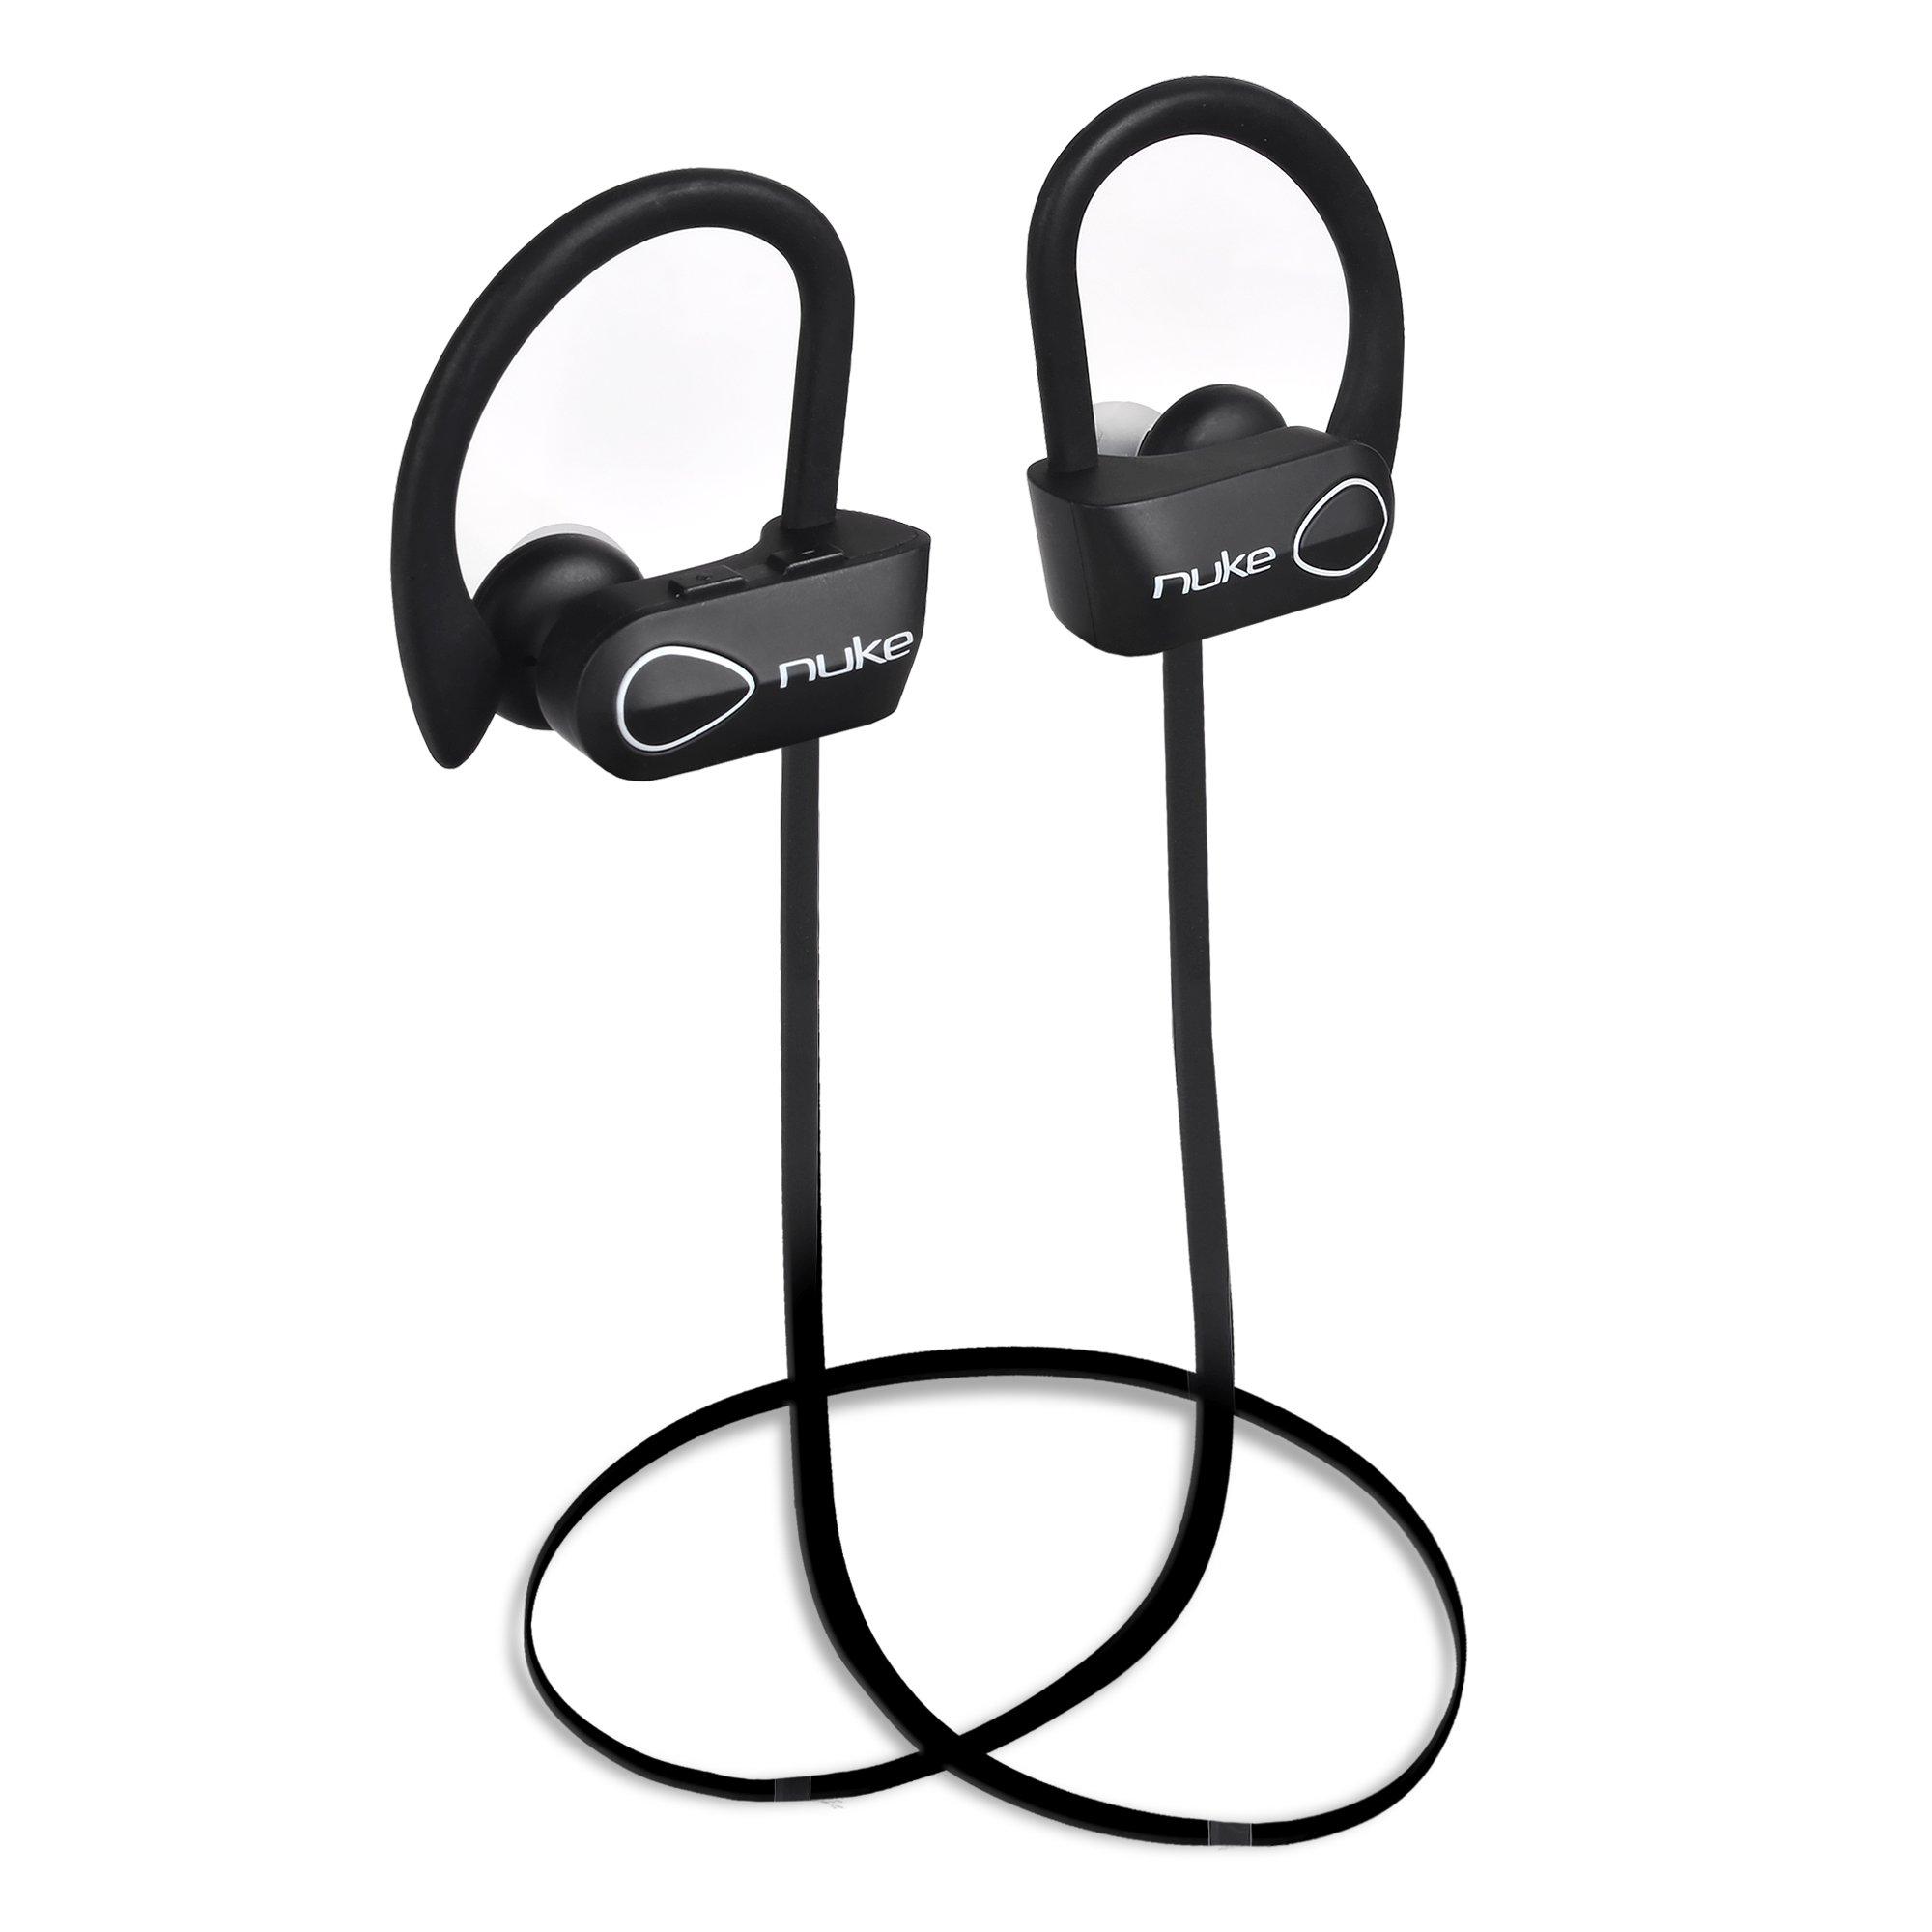 Auriculares Bluetooth Inalambrico Cancelacion de Ruido Inalambrico Earbuds Bluetooth Headset con Microfono IPX7 para Spo